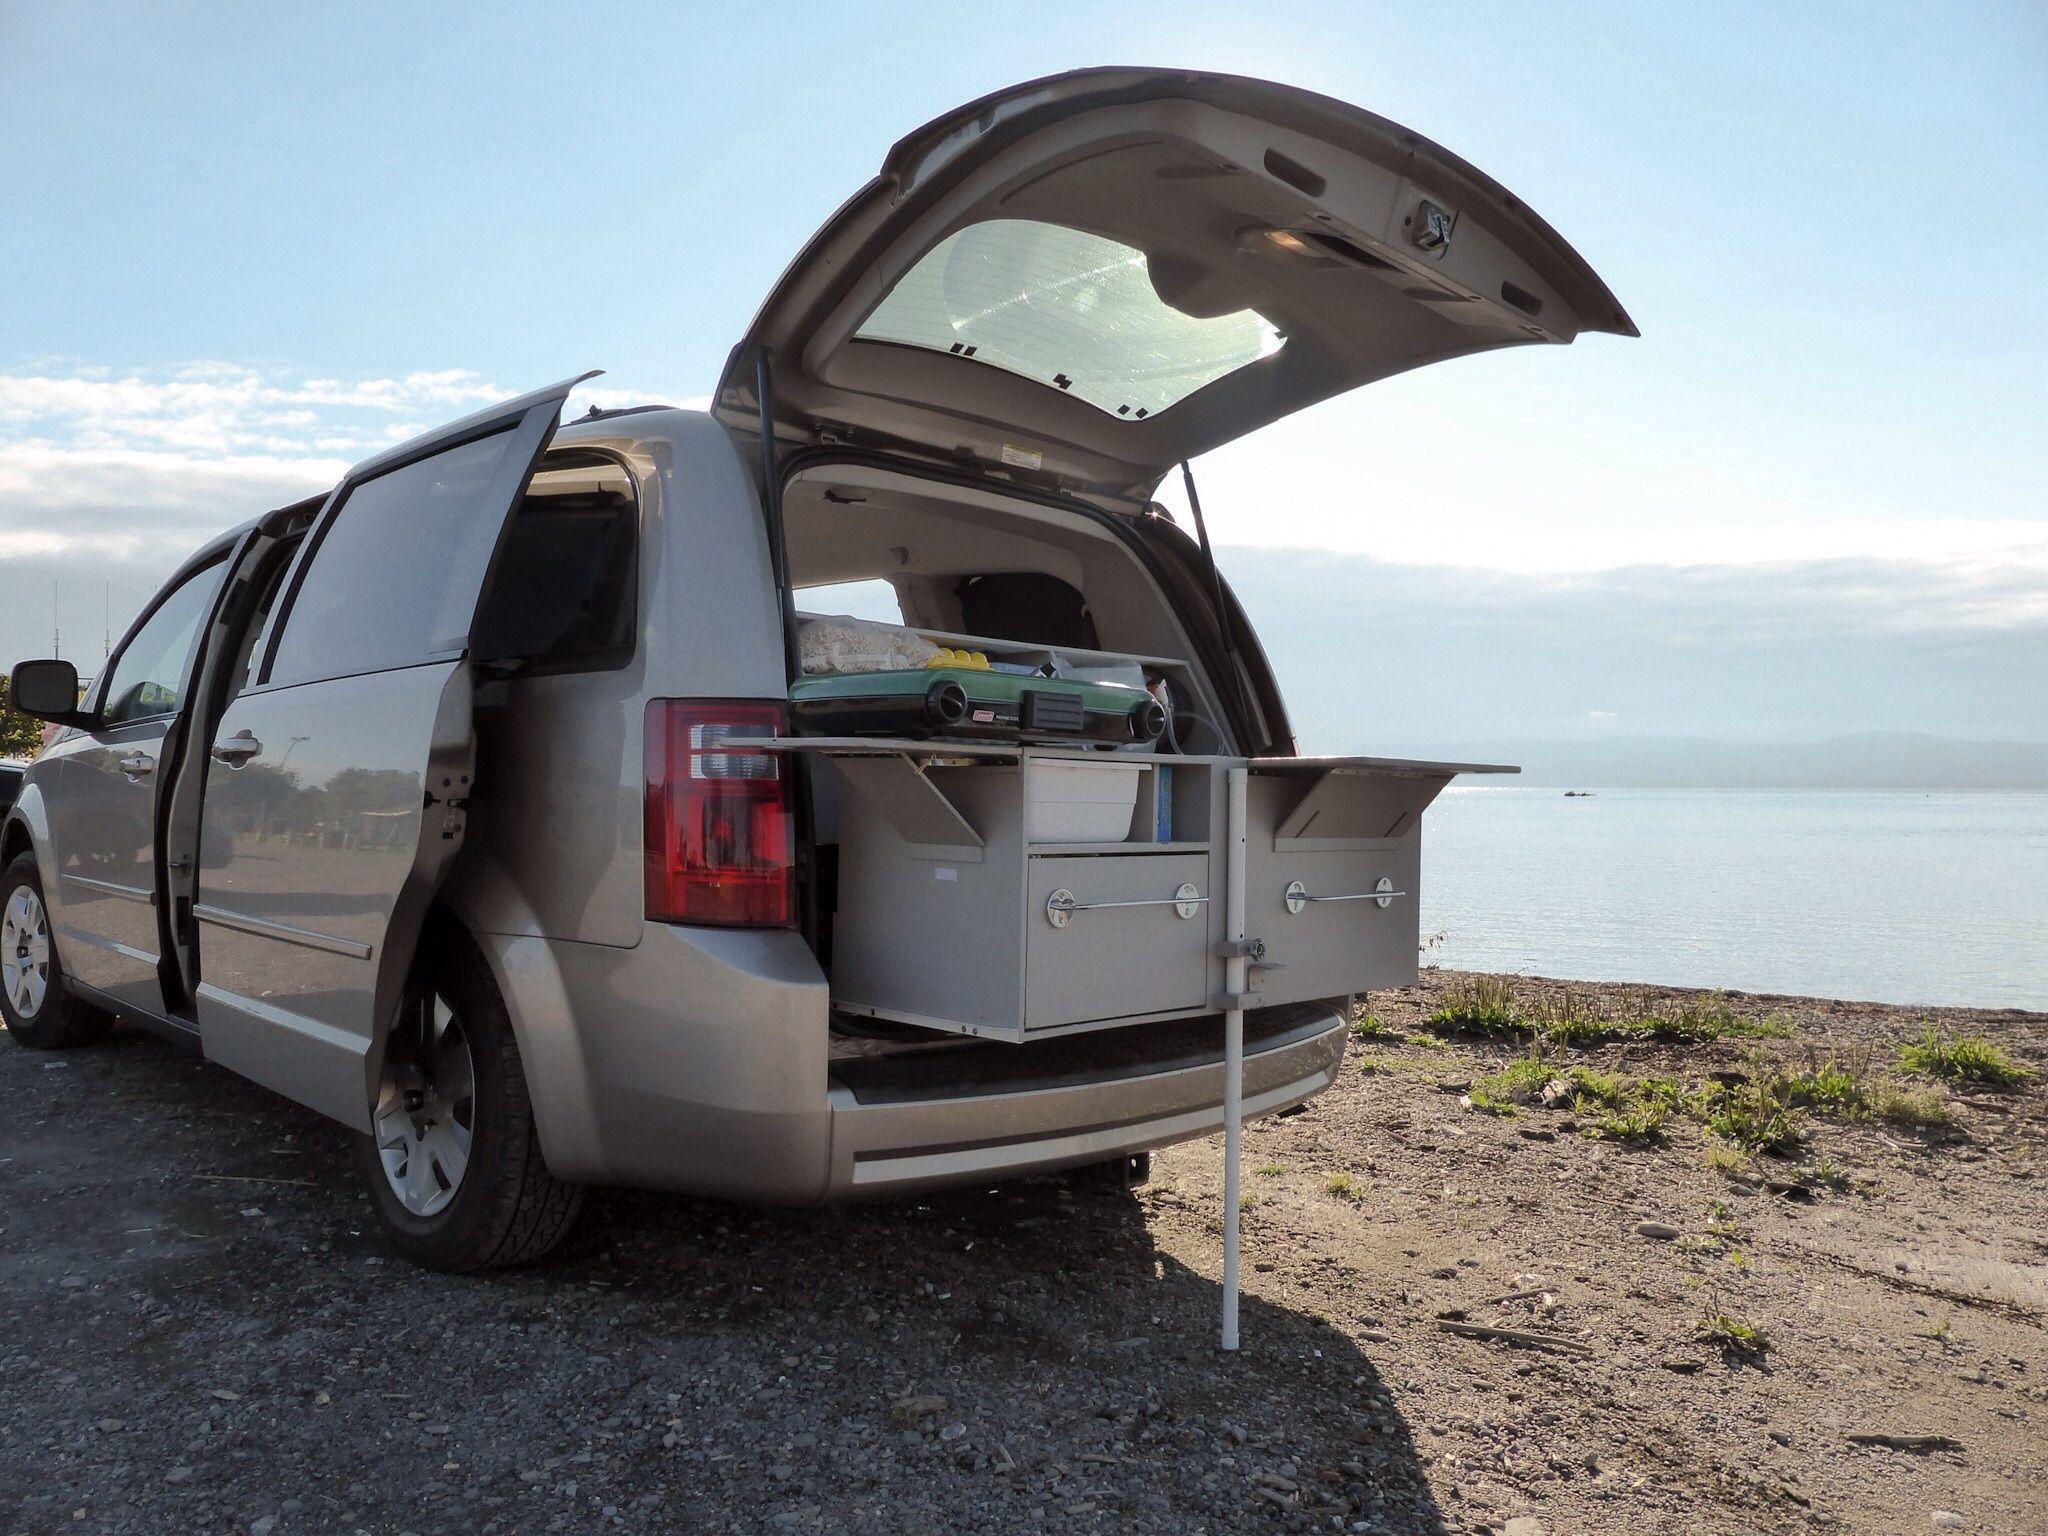 2015 Dodge Caravan SE Van Autoserv of Tilton